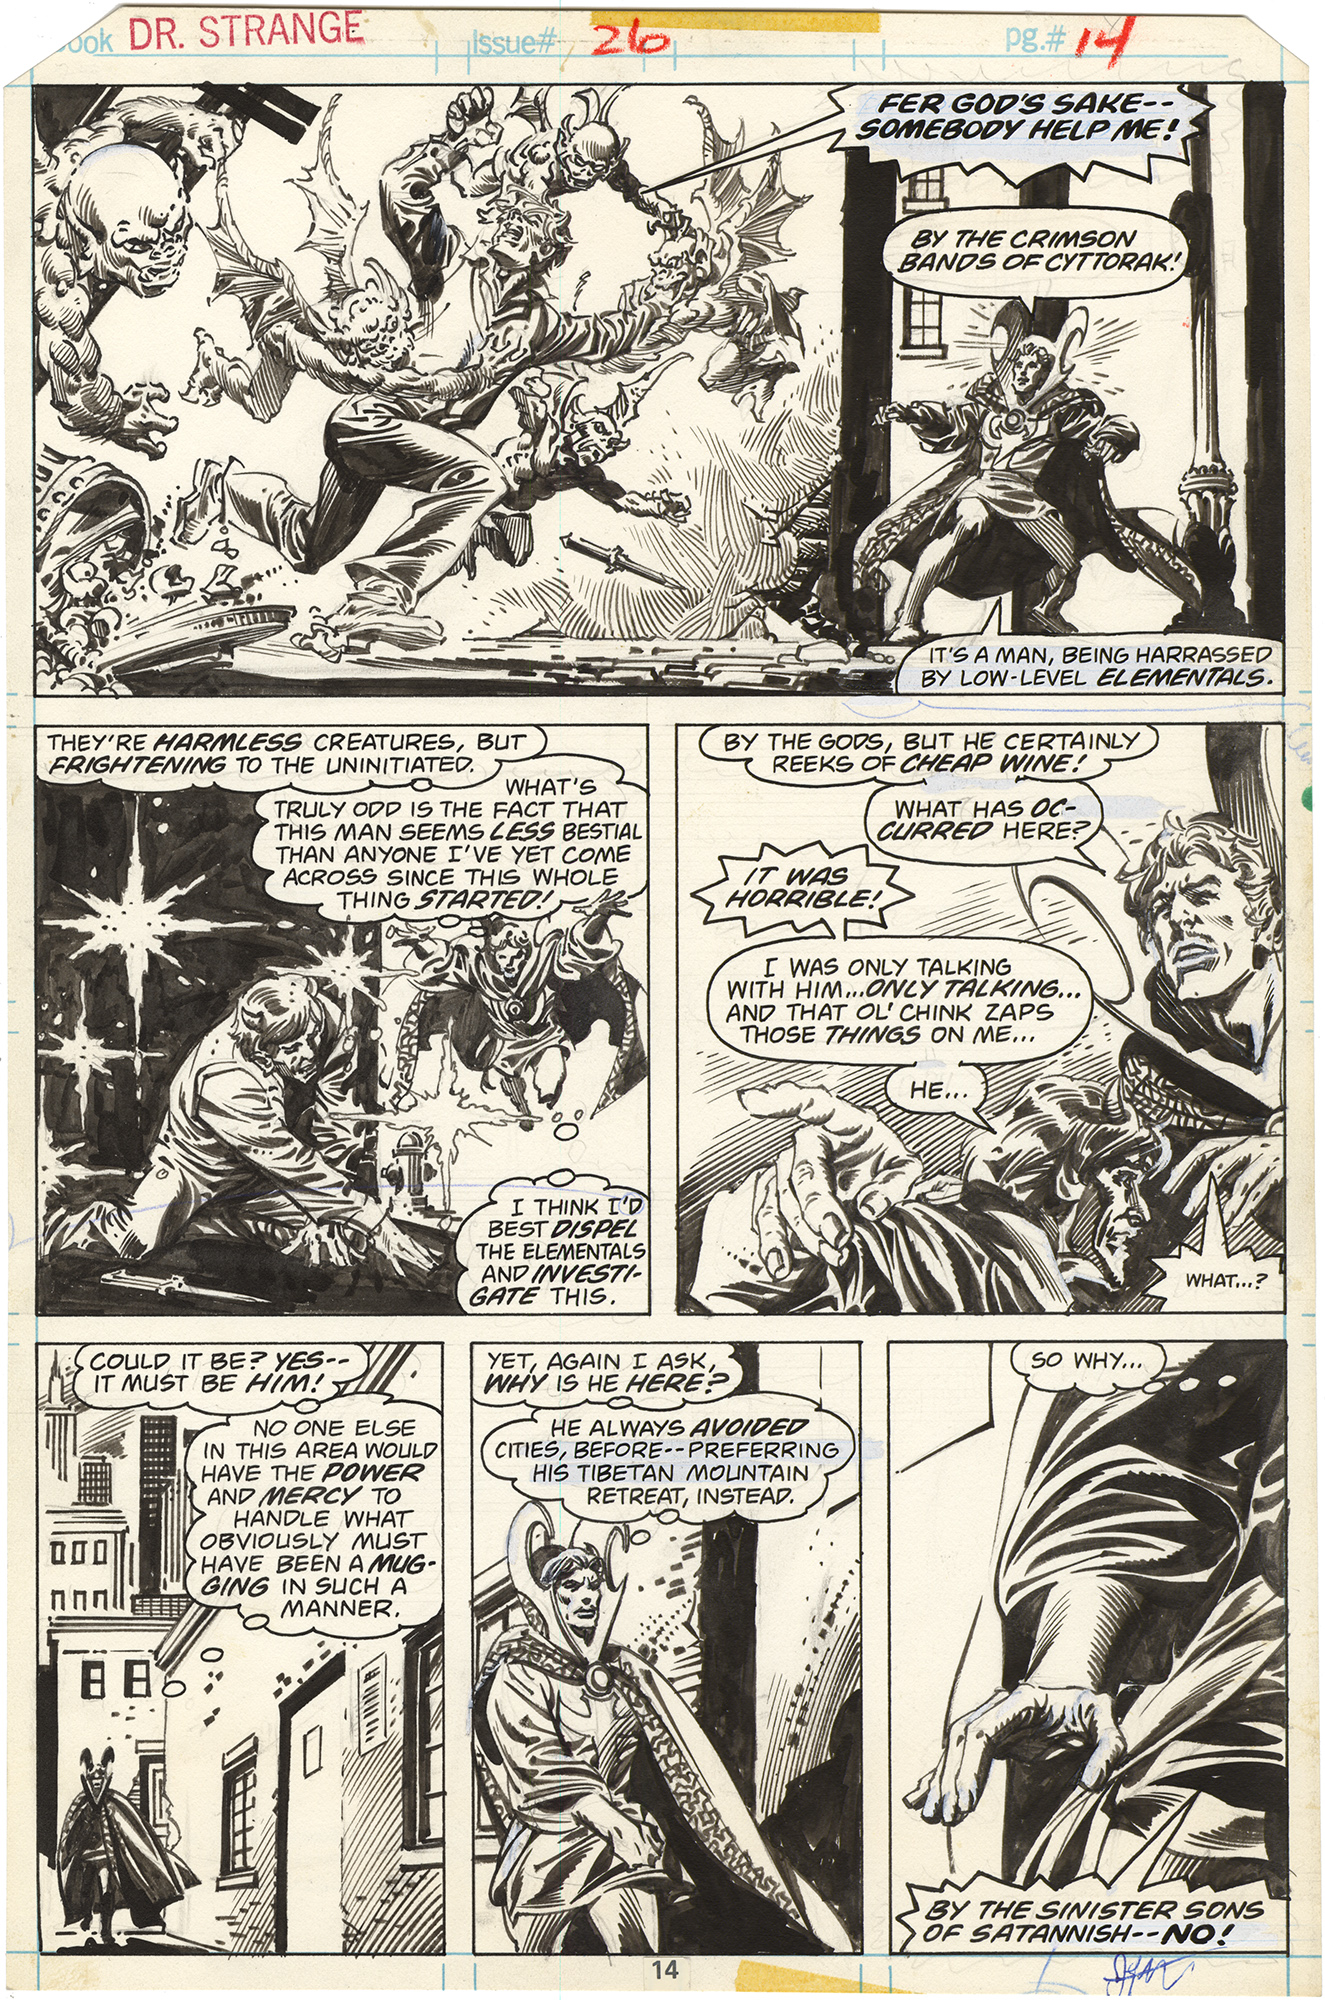 Doctor Strange #26 p14